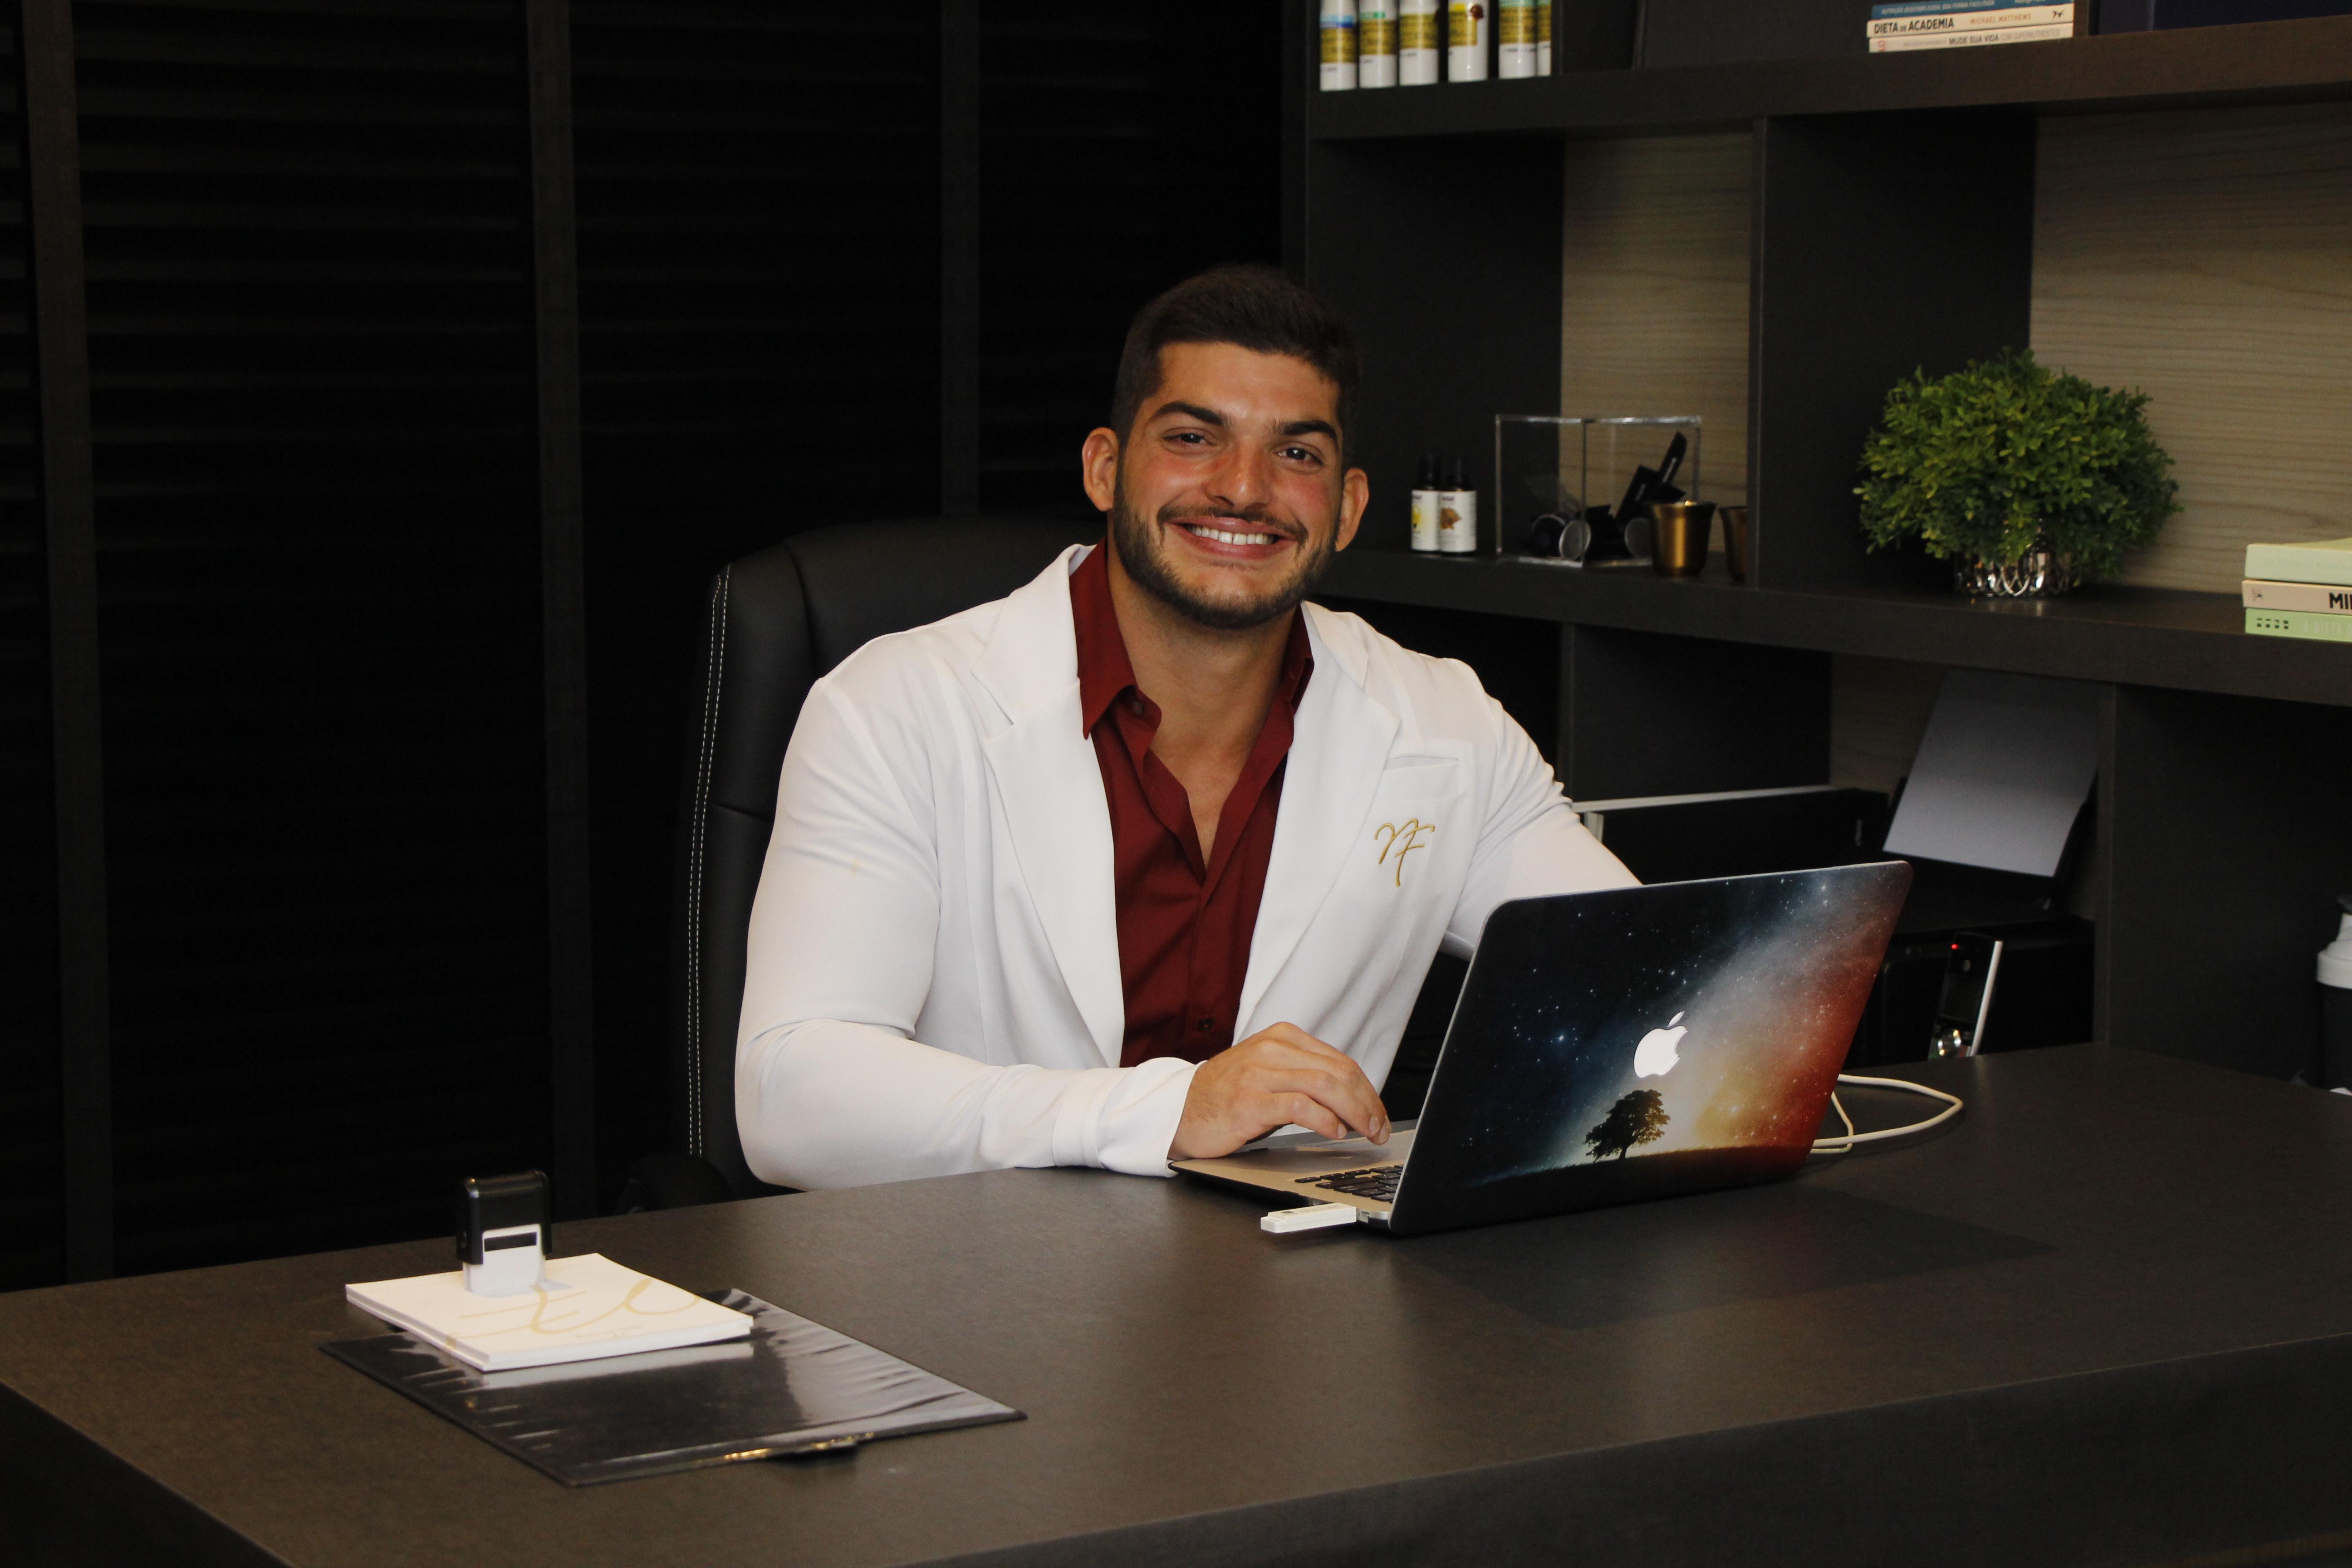 Dr. Rafael Braga